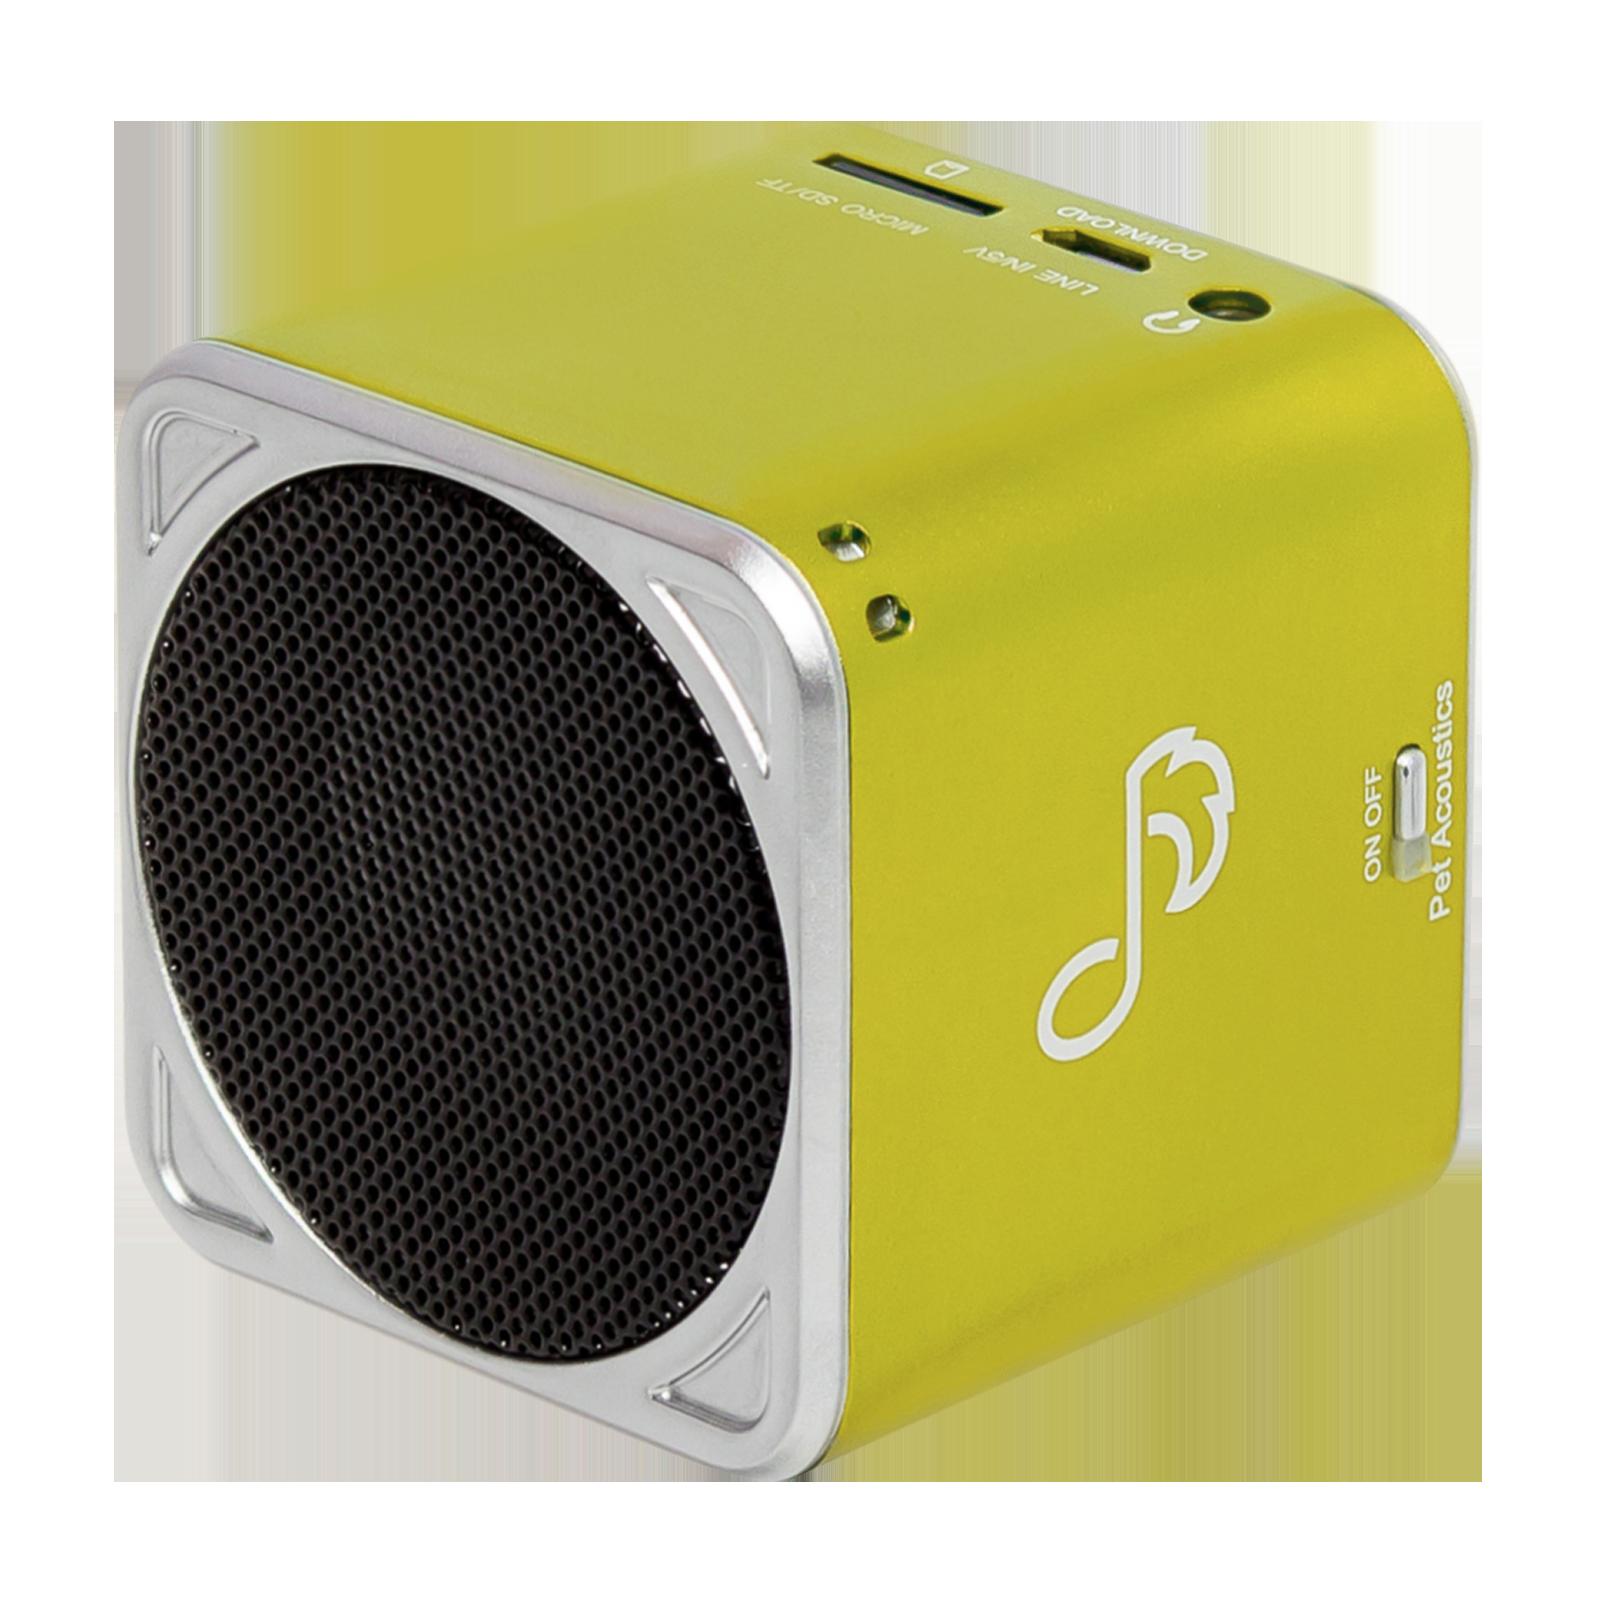 Electronics product photo